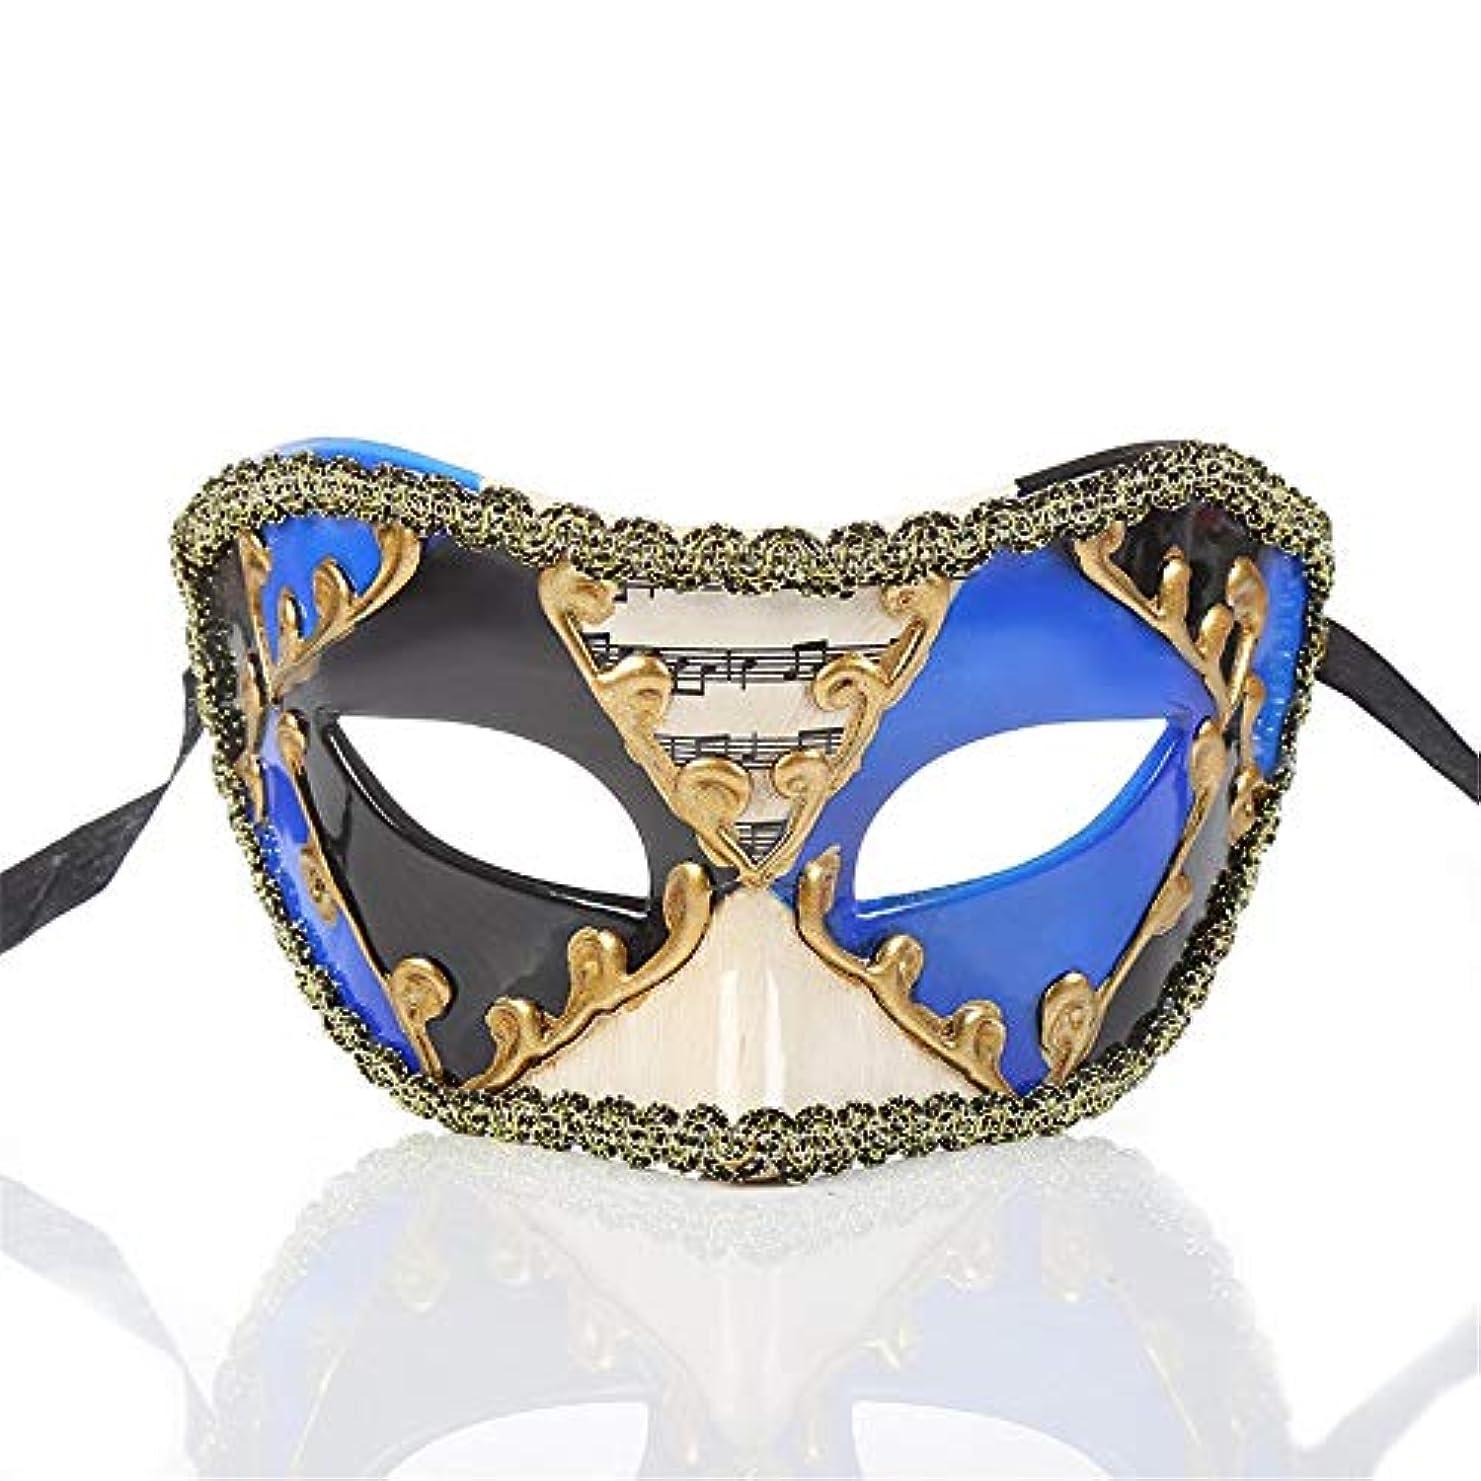 ばかレンディション画像ダンスマスク ヴィンテージクラシックハーフフェイスクラウンミュージカルノート装飾マスクフェスティバルロールプレイングプラスチックマスク パーティーマスク (色 : 青, サイズ : 16.5x8cm)